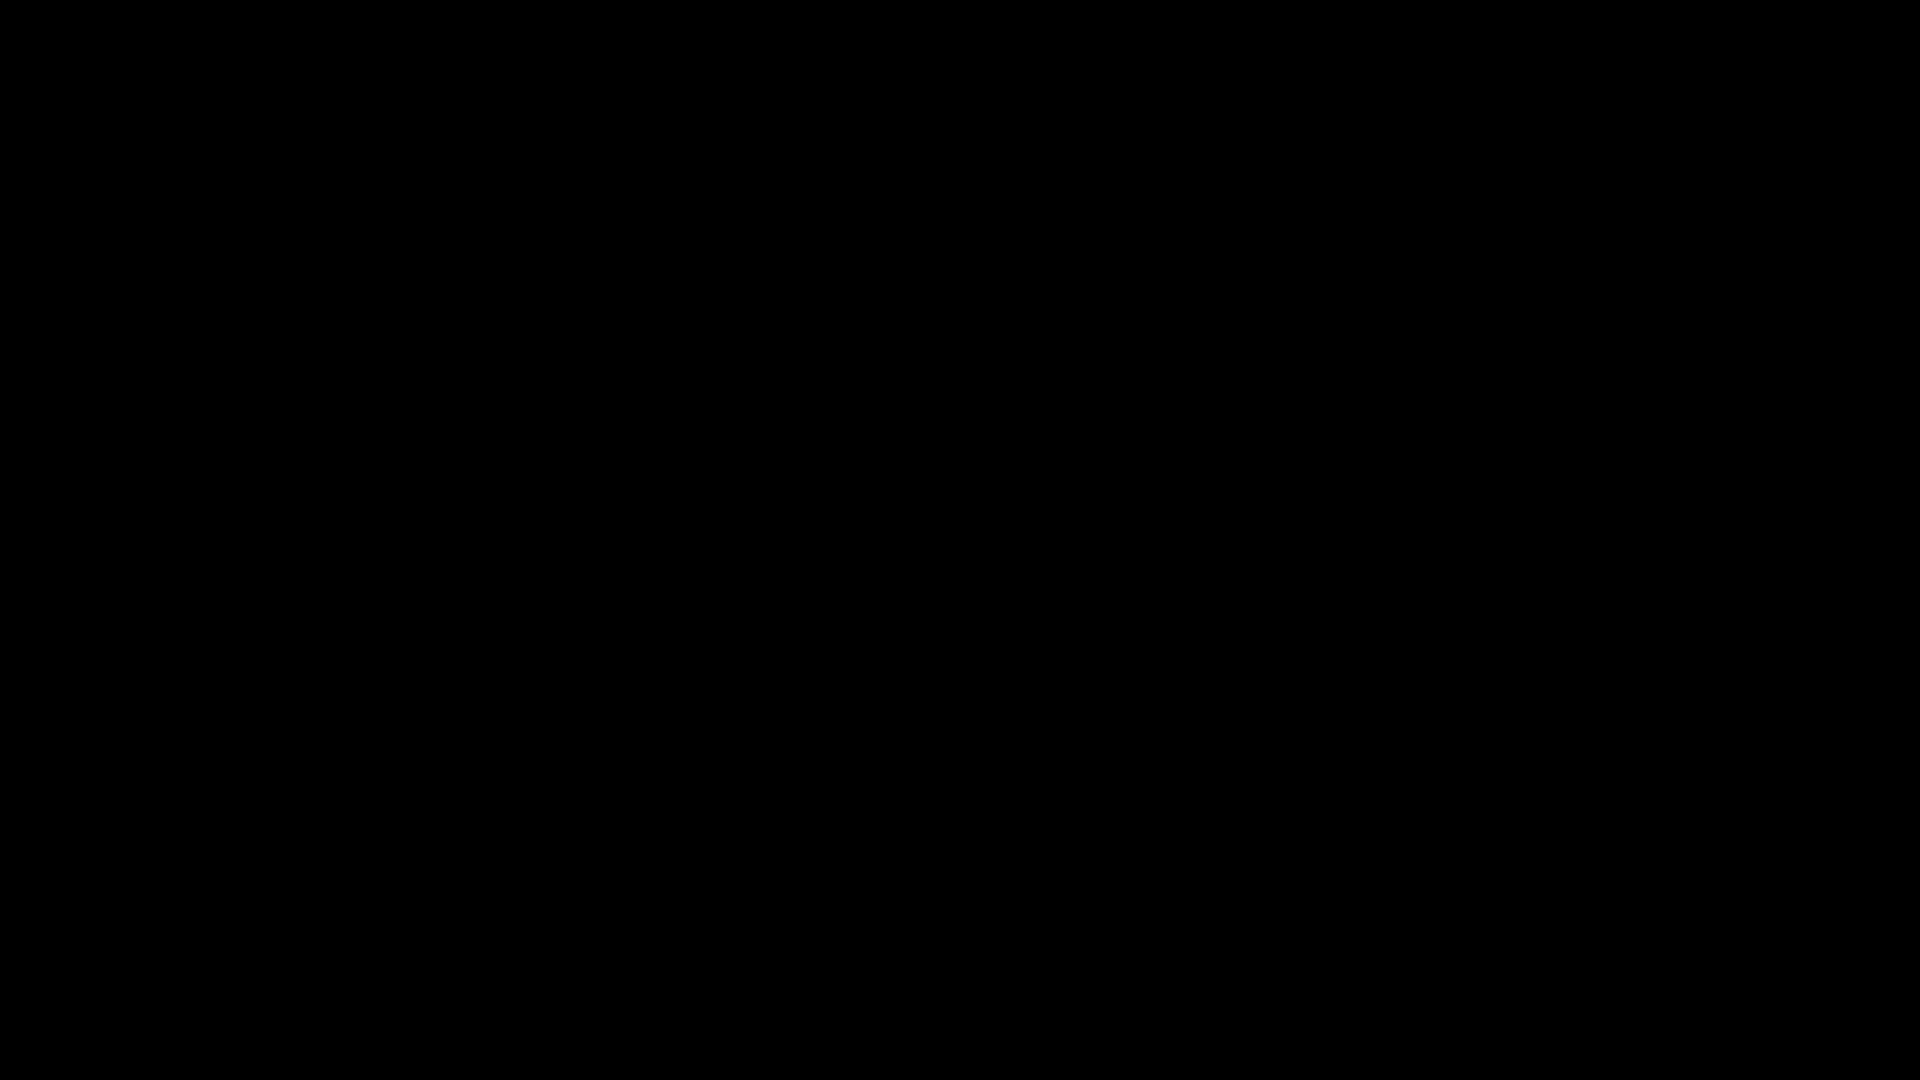 高画質露天女風呂観察 vol.032 美しいOLの裸体 AV無料動画キャプチャ 83pic 9